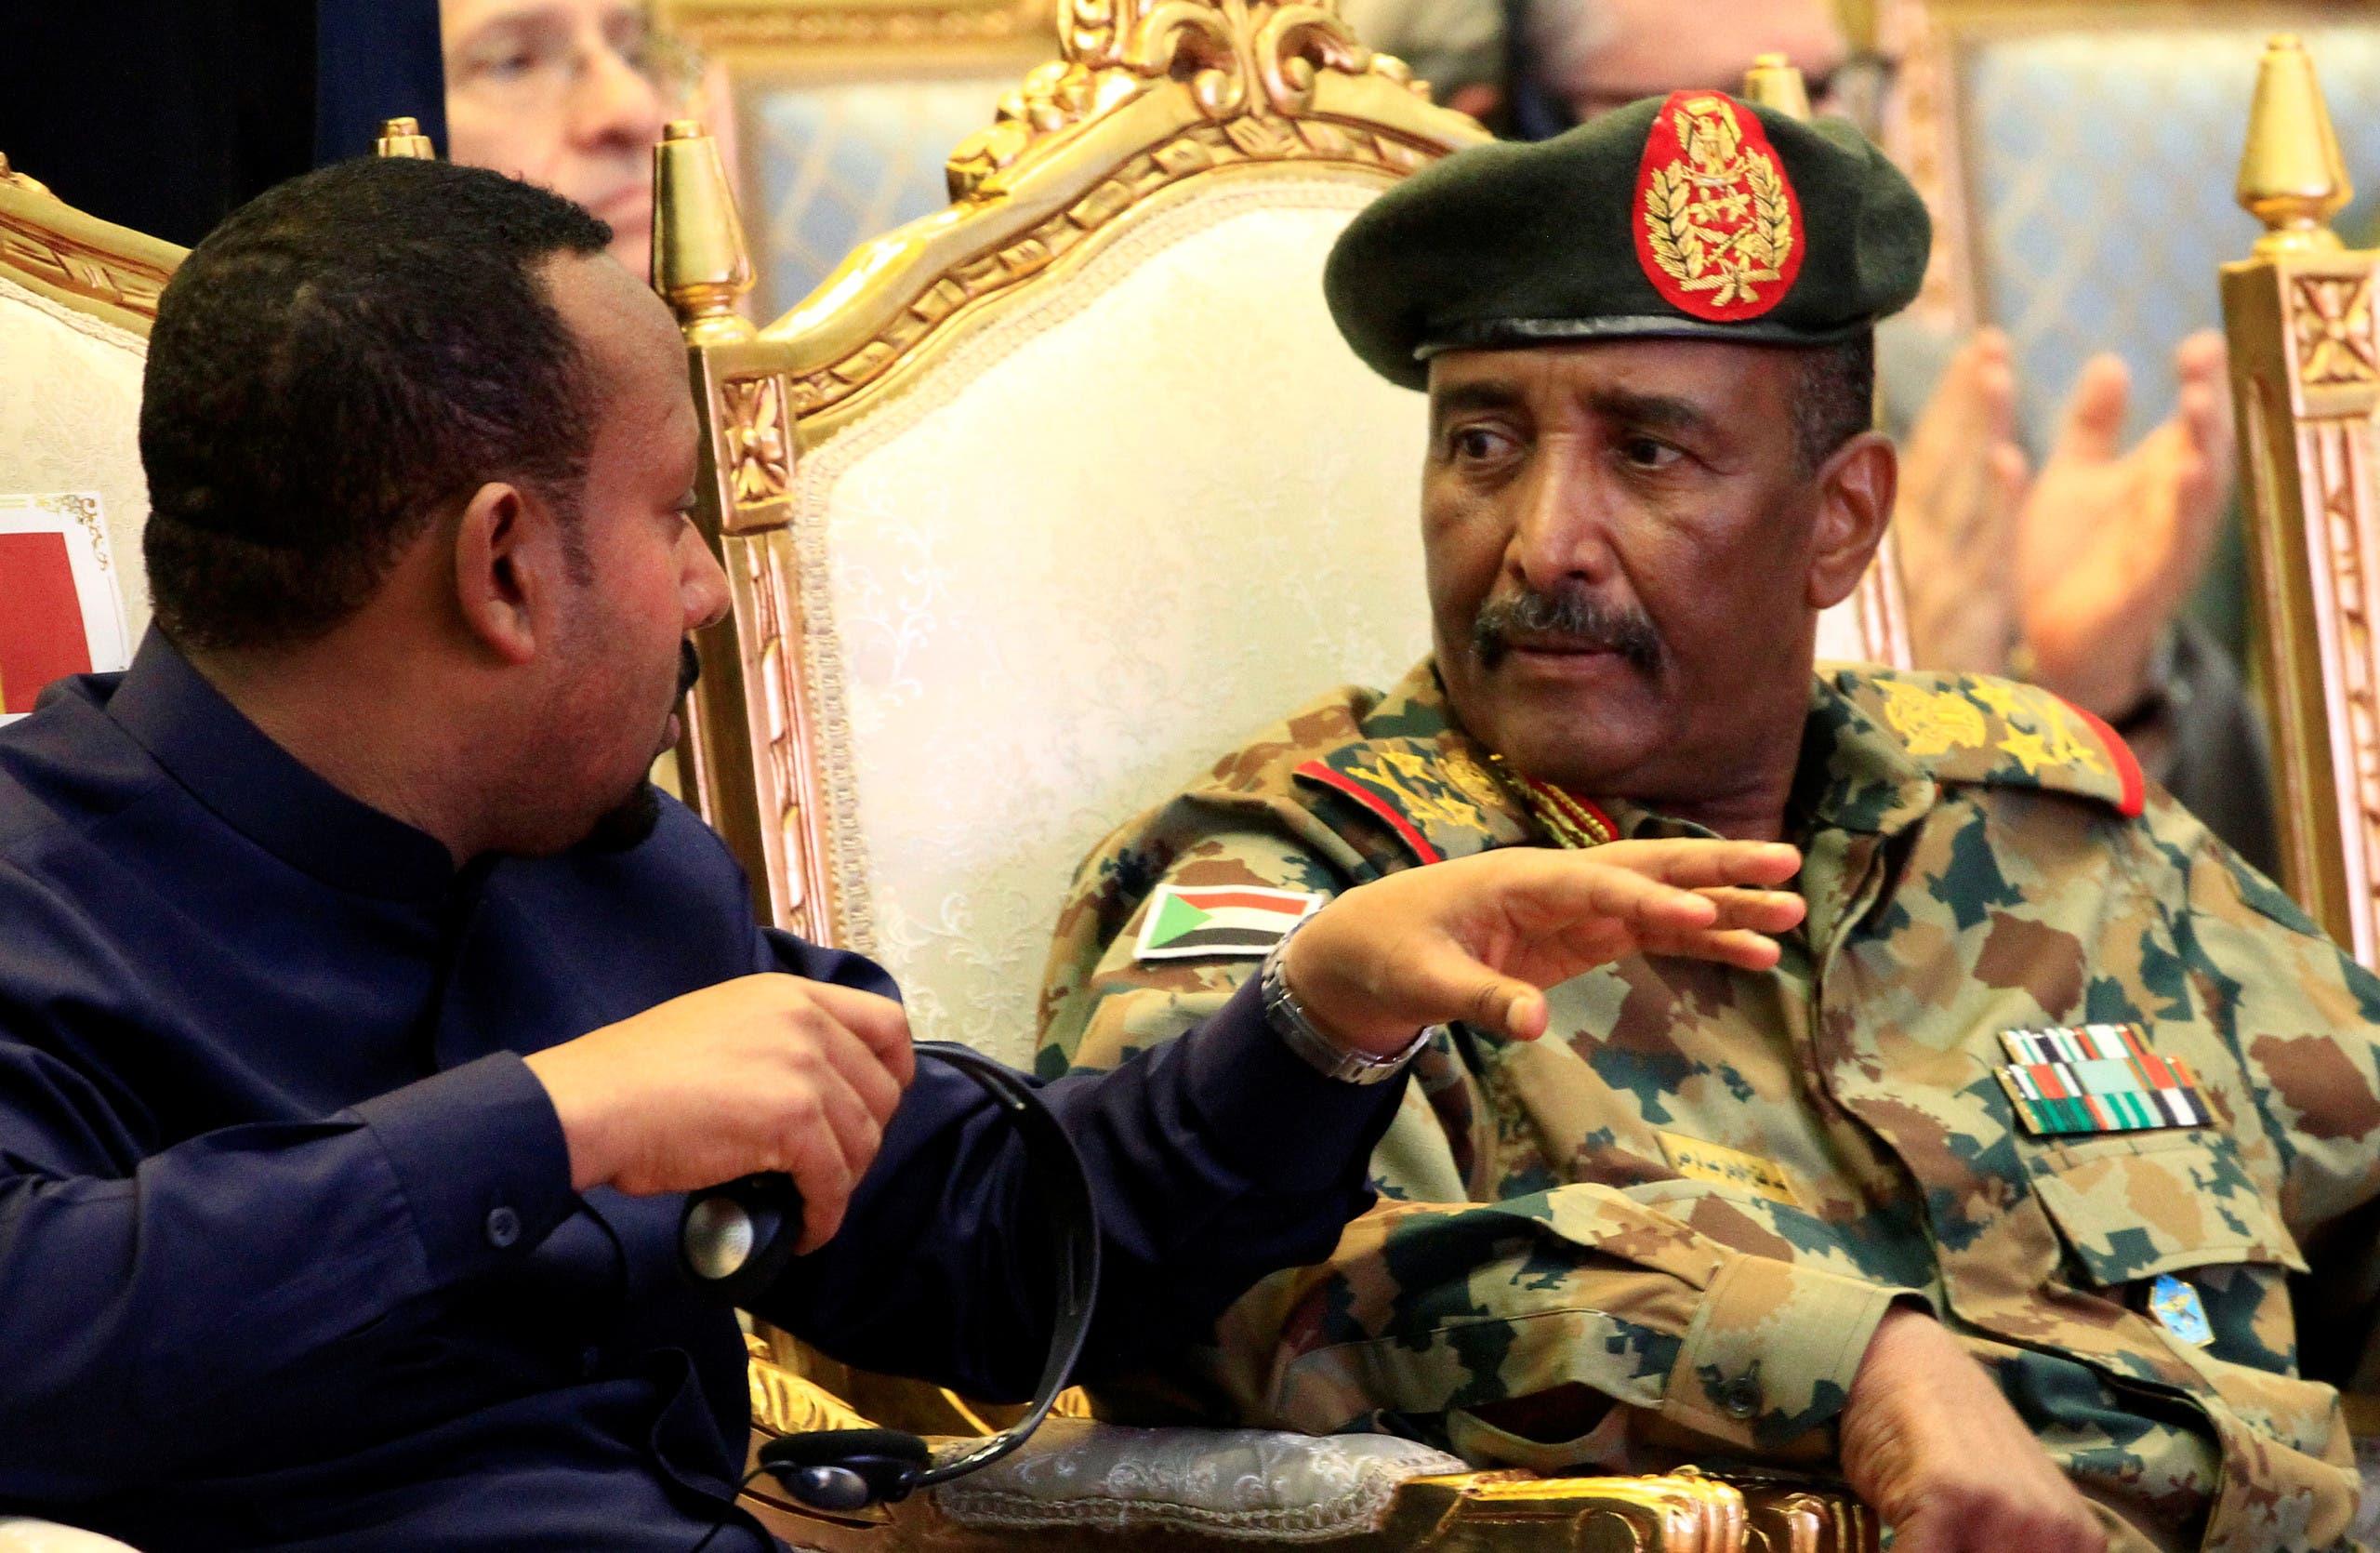 لقاء سابق بين آبي أحمد ورئيس المجلس الانتقالي عبدالفتاح البرهان في الخرطوم في أغسطس الماضي